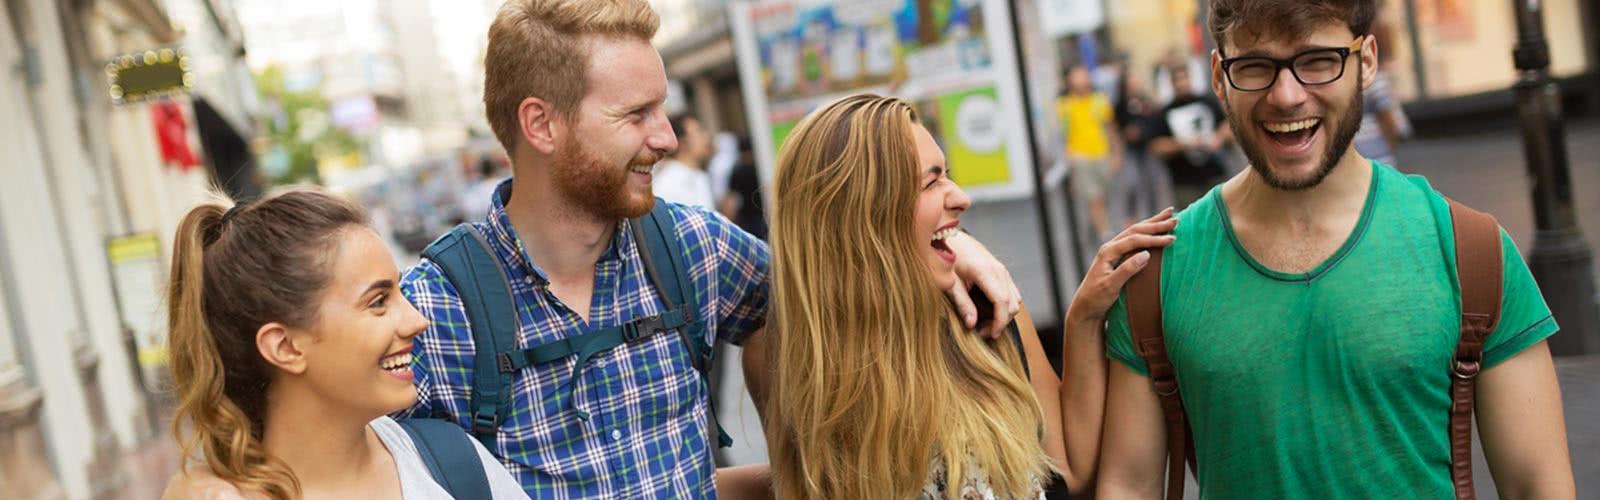 Cursos de idiomas en el extranjero adultos